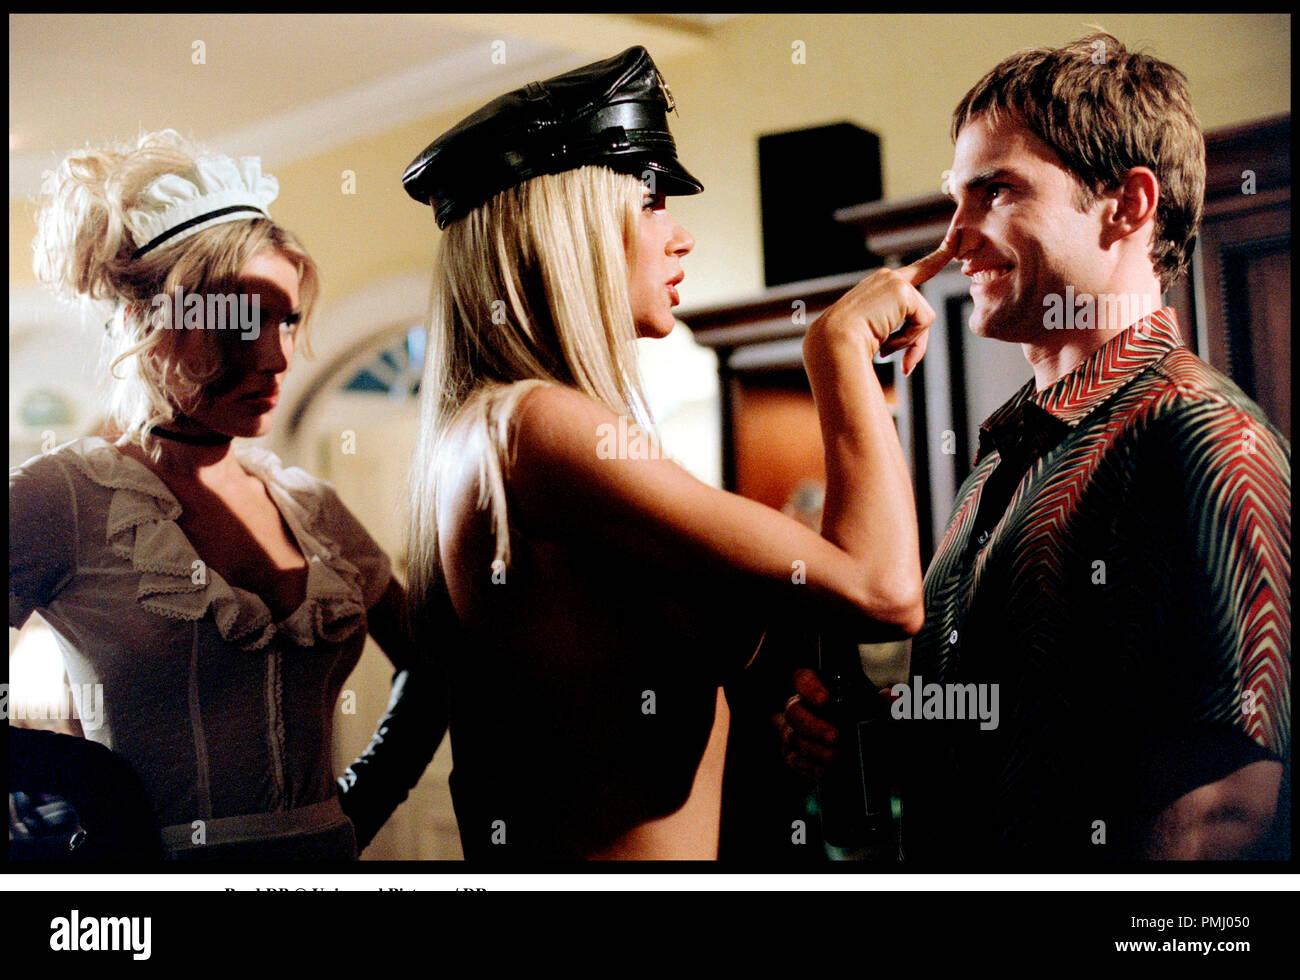 Nikki Schieler Ziering Nude Photos 26